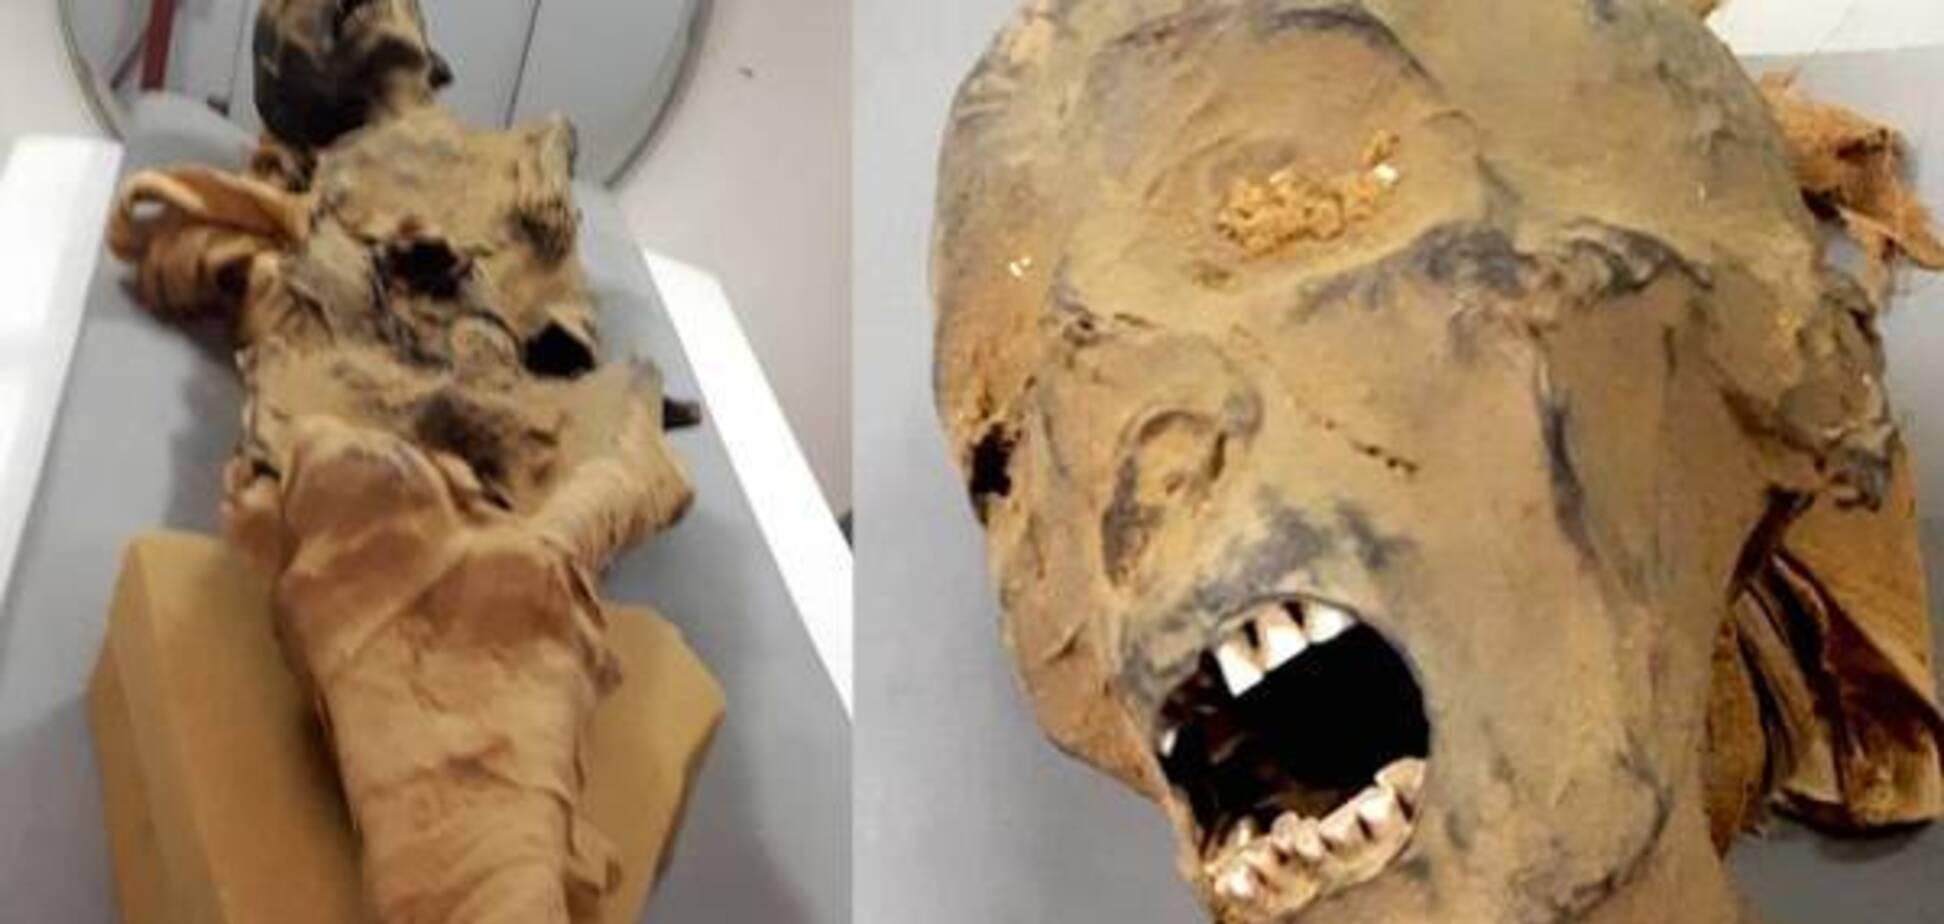 Раскрыта тайна смерти кричащей мумии из Египта. Источник: (english.ahram.org.eg)